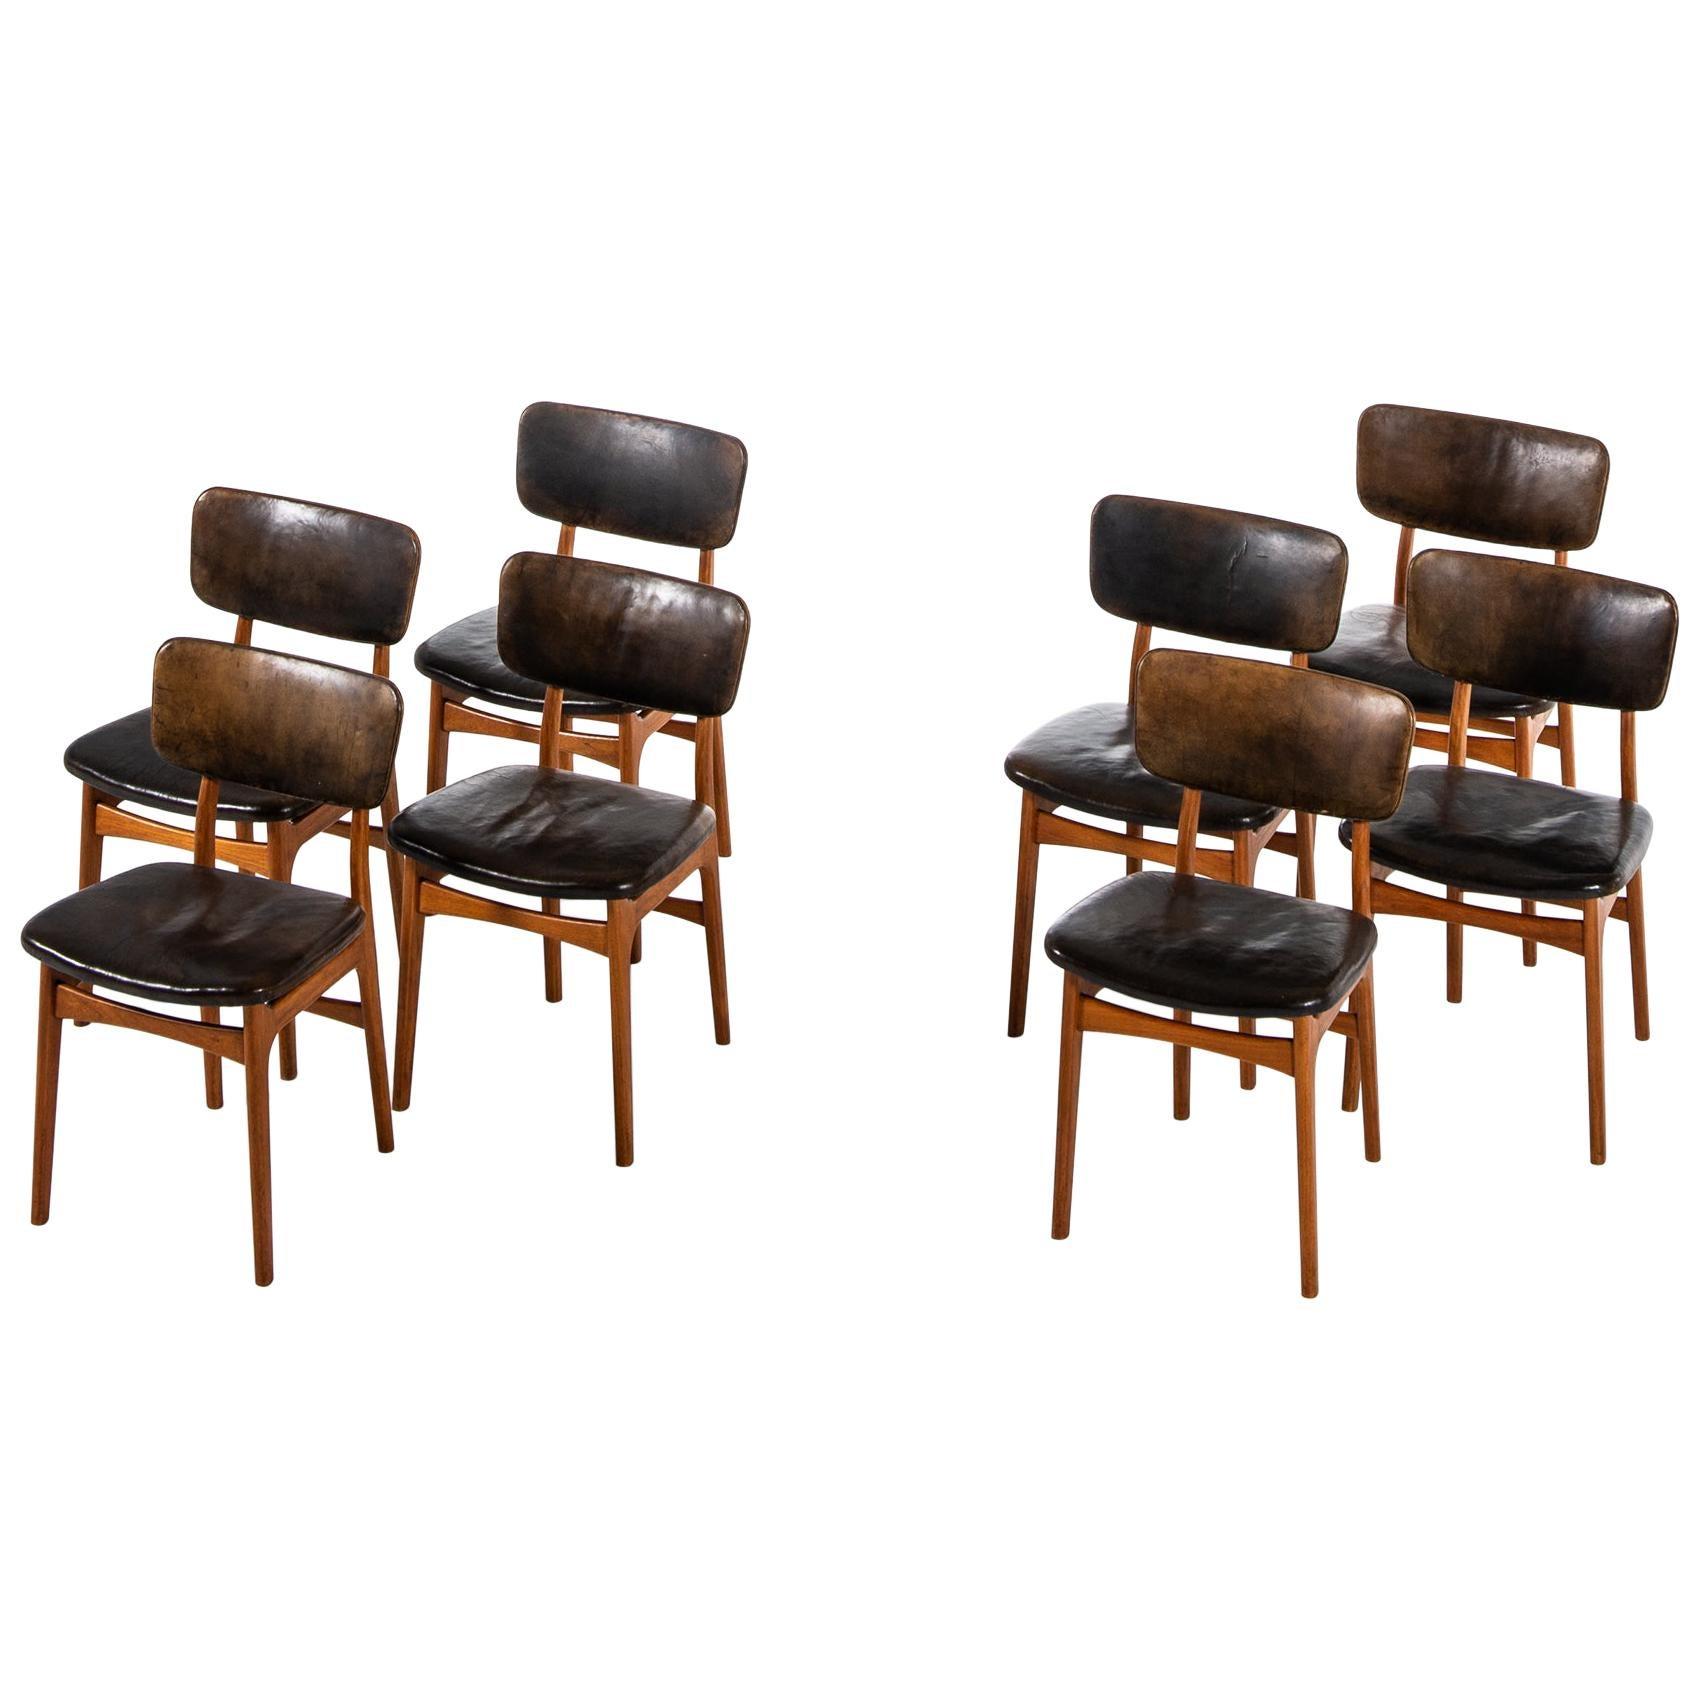 Gustav Bertelsen Dining Chairs Produced by Gustav Bertelsen in Denmark